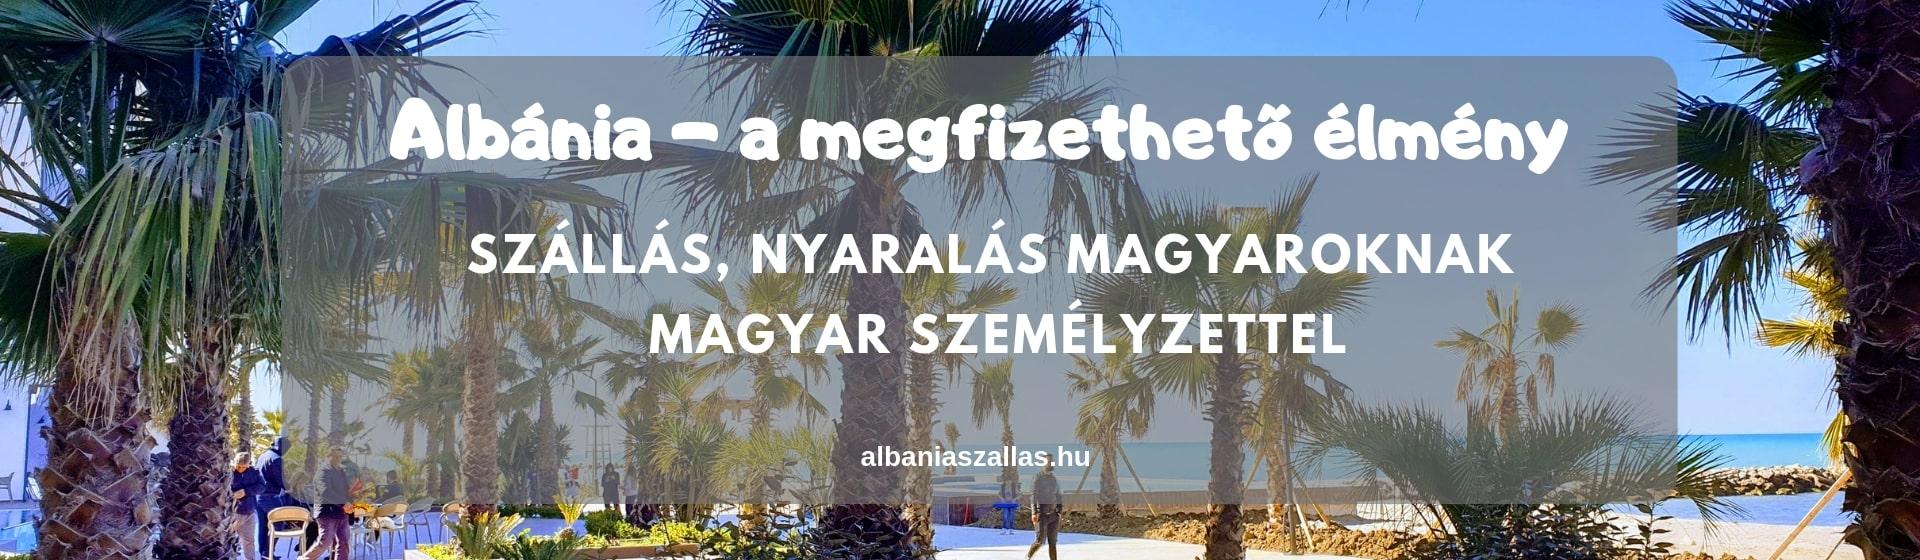 Albánia szállás magyaroknak